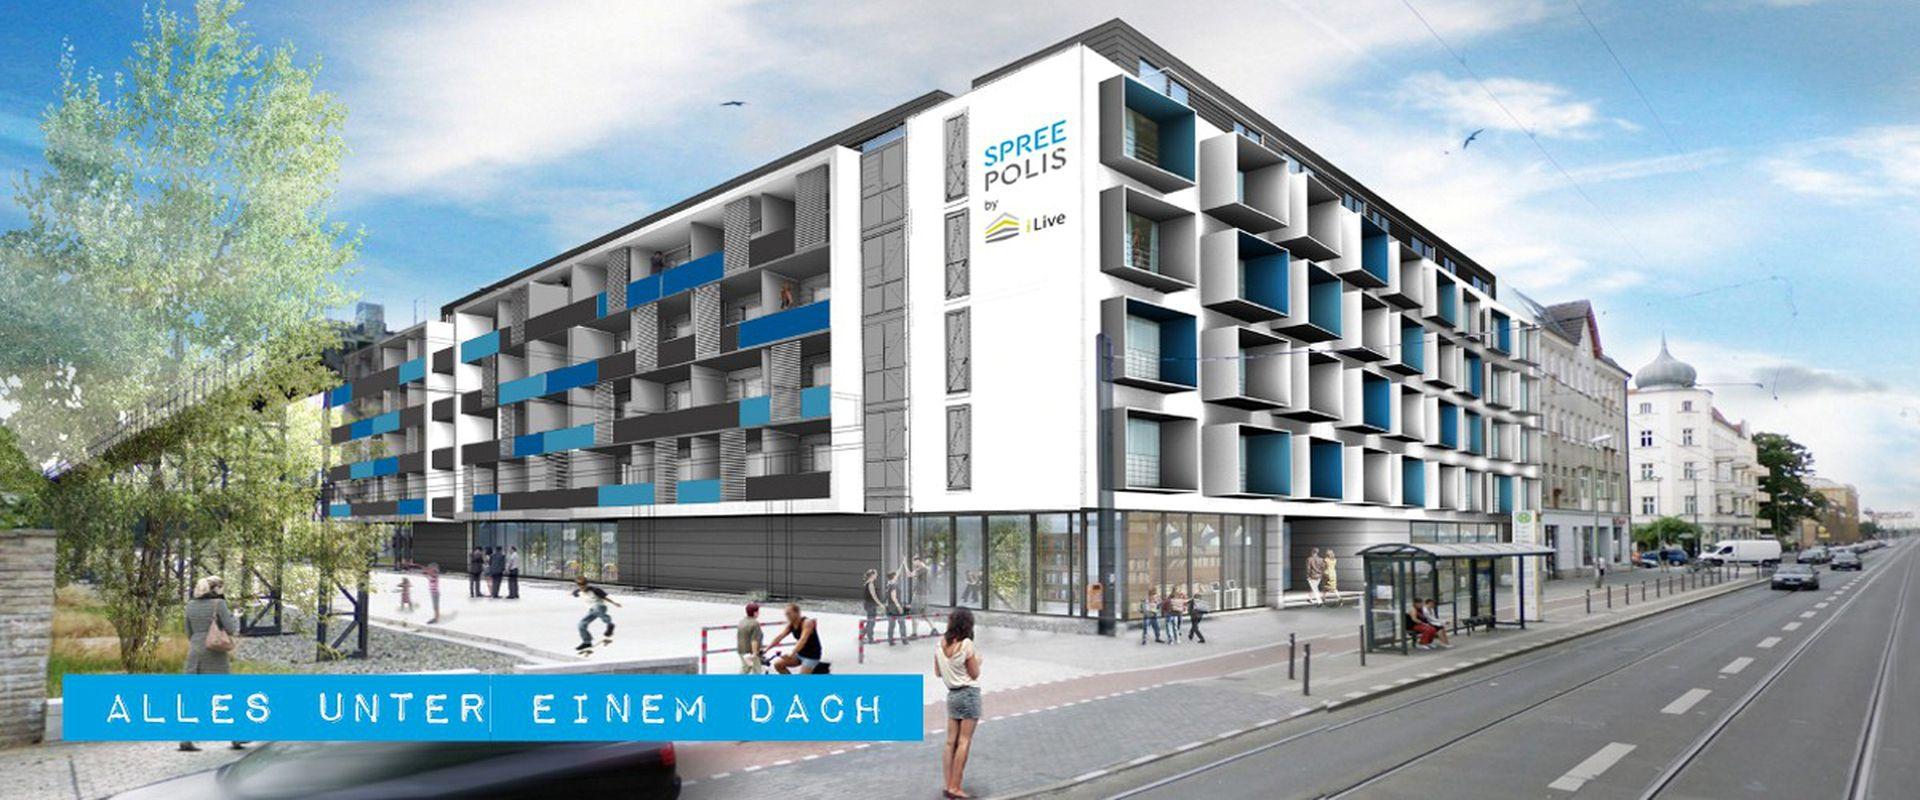 Außenansicht Apartmenthaus SPREEPOLIS in Oberschöneweide an der Spree